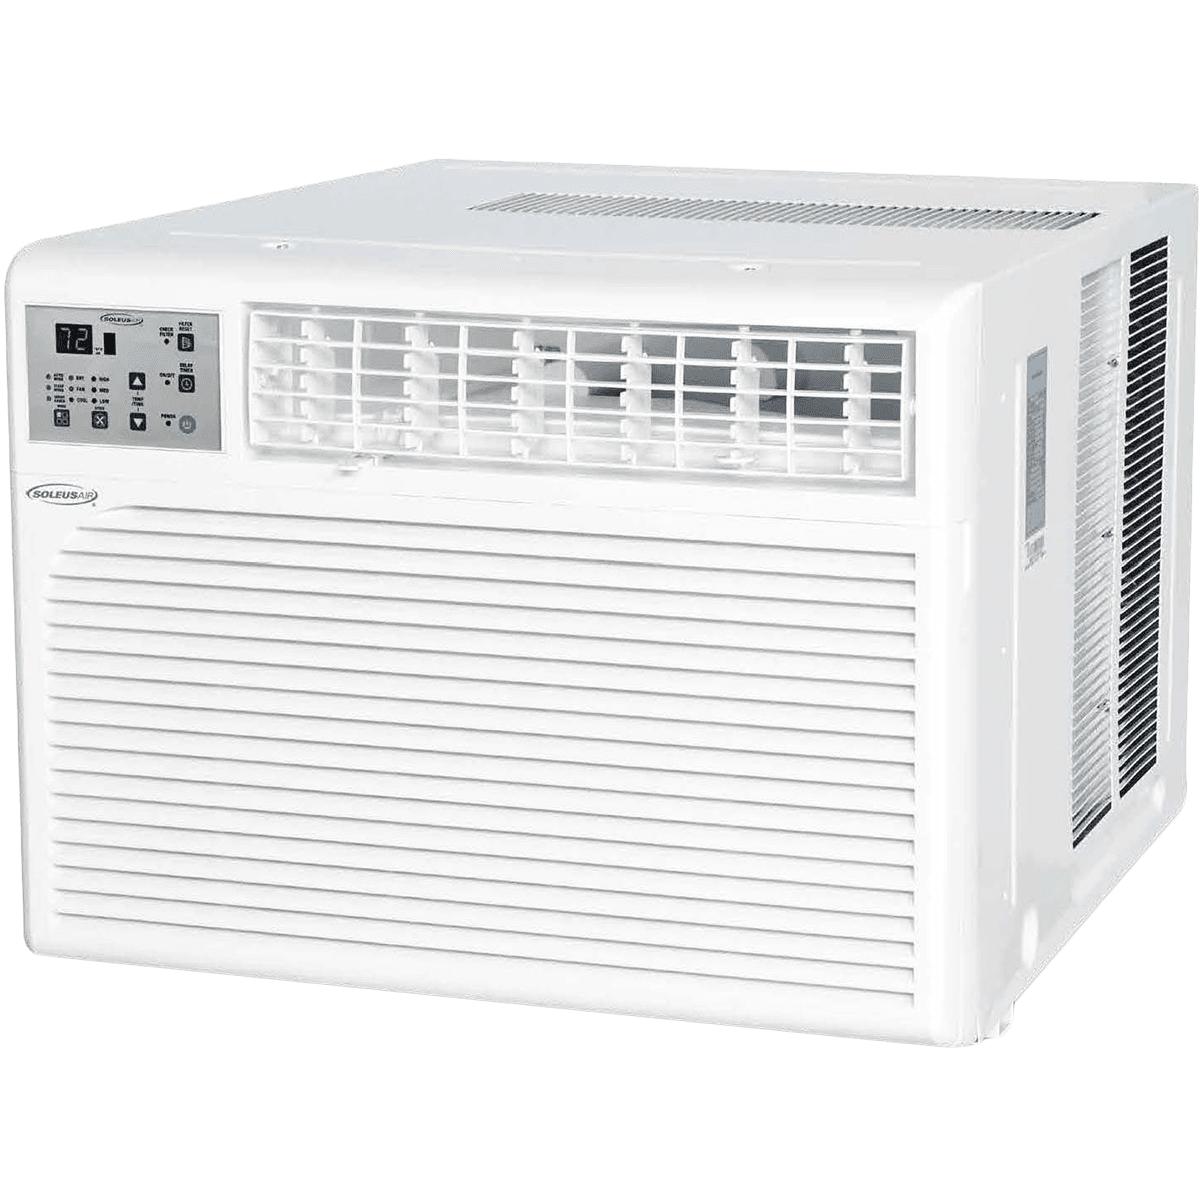 Soleus Air 18,300 BTU Window Air Conditioner WS-18E-01